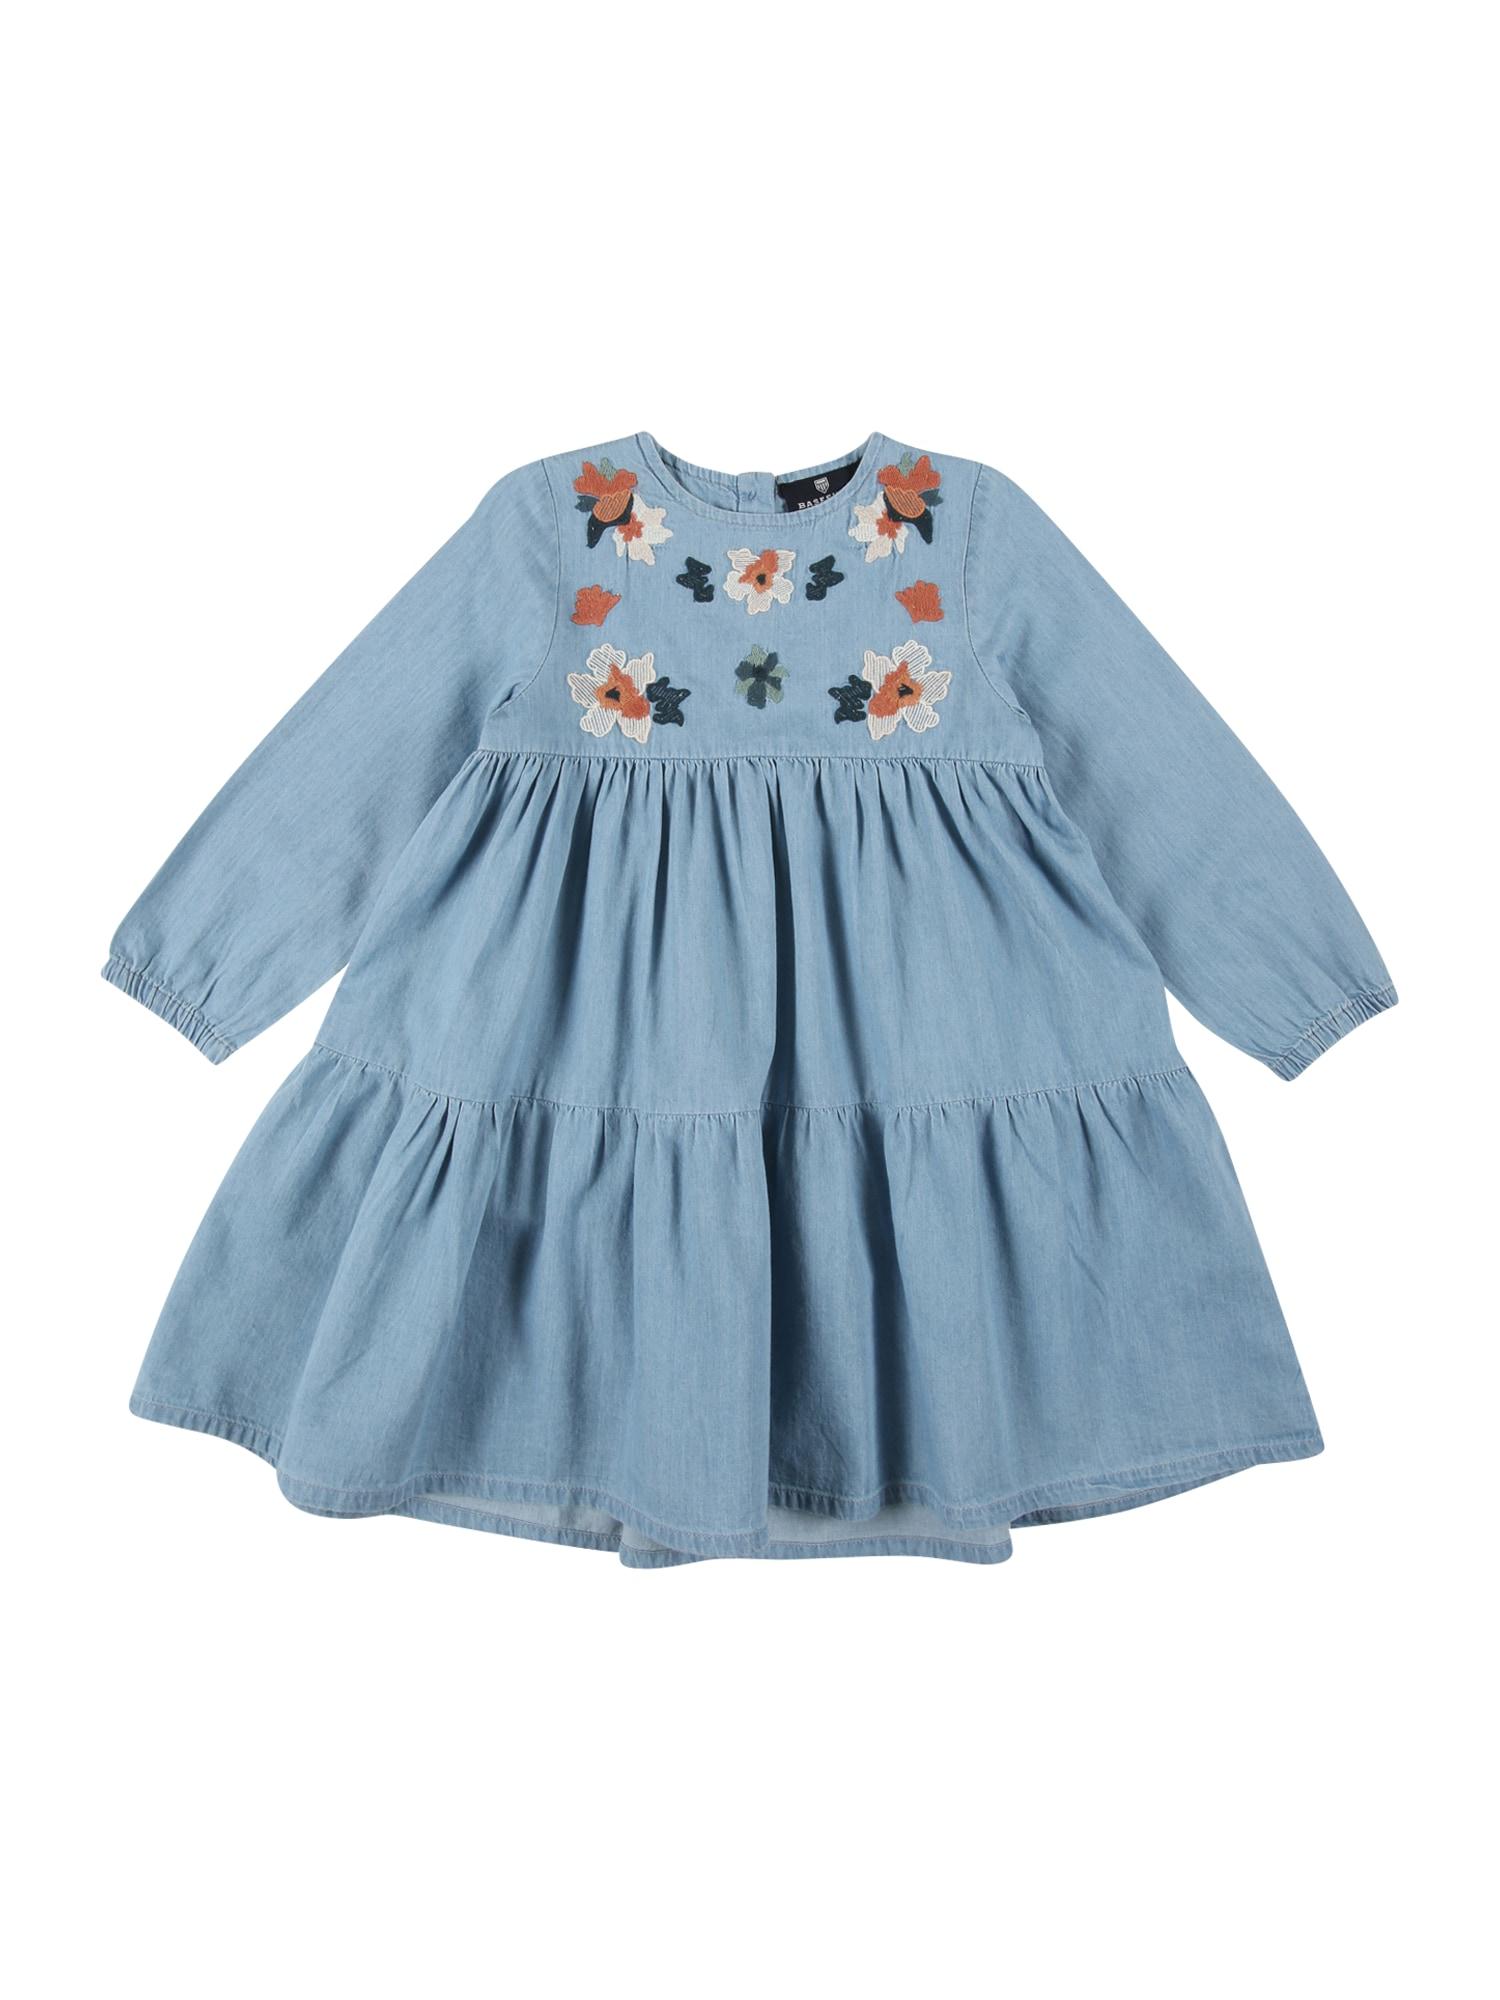 BASEFIELD Suknelė tamsiai (džinso) mėlyna / rusvai oranžinė / tamsiai žalia / kremo